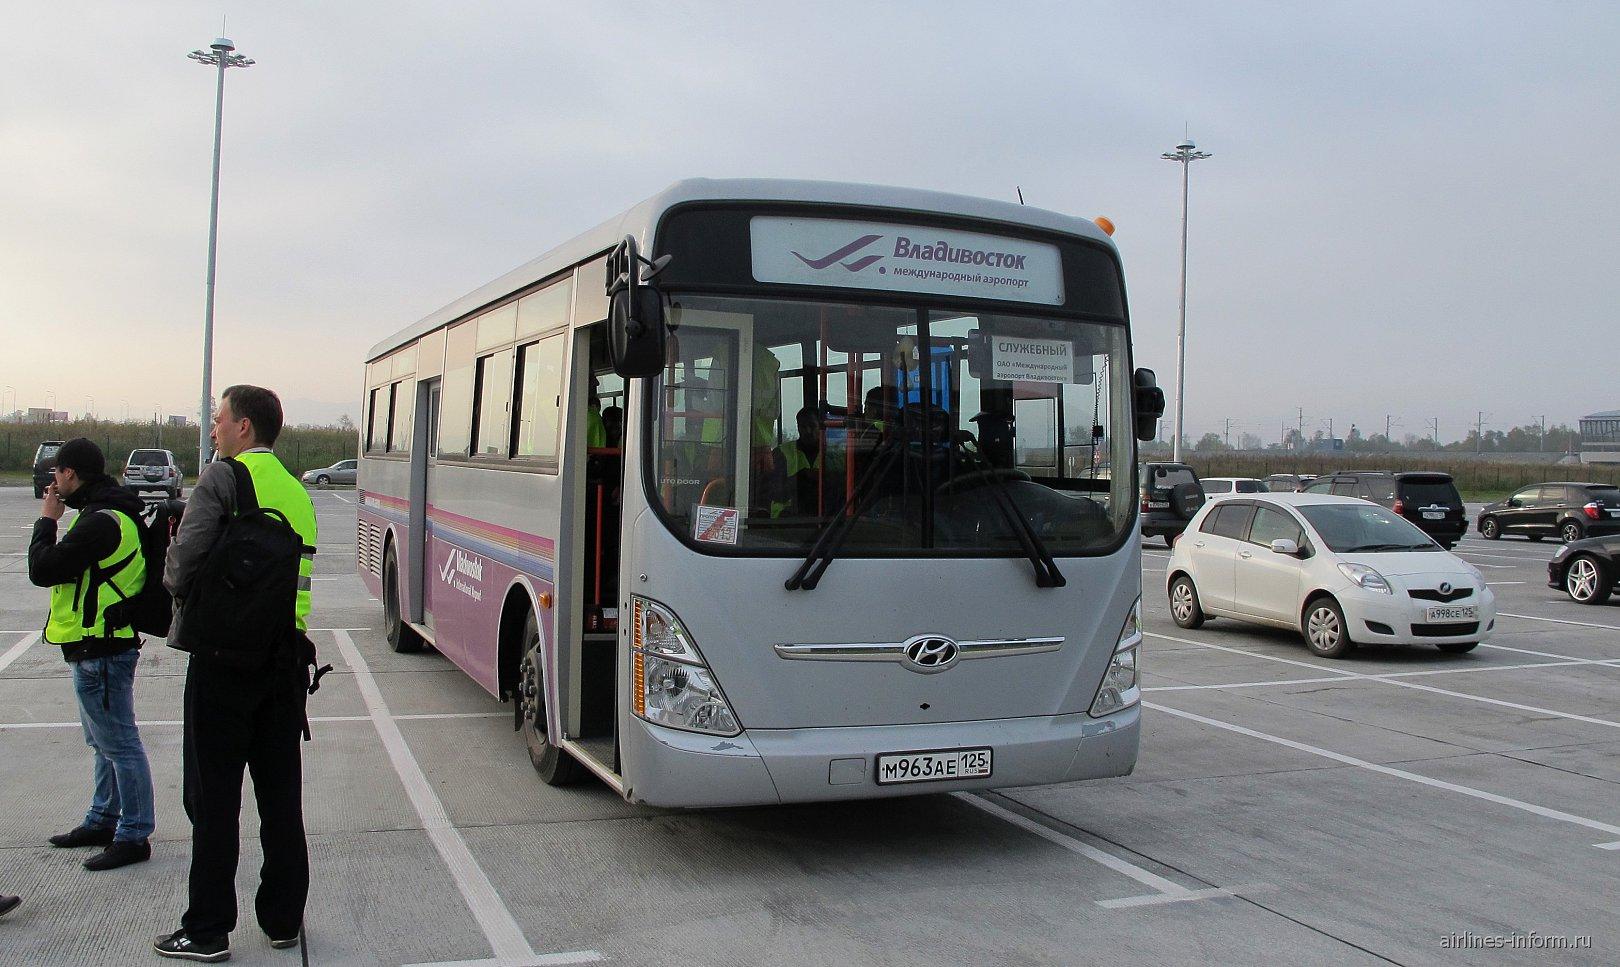 Автобус для перевозки пассажиров в аэропорту Владивостока